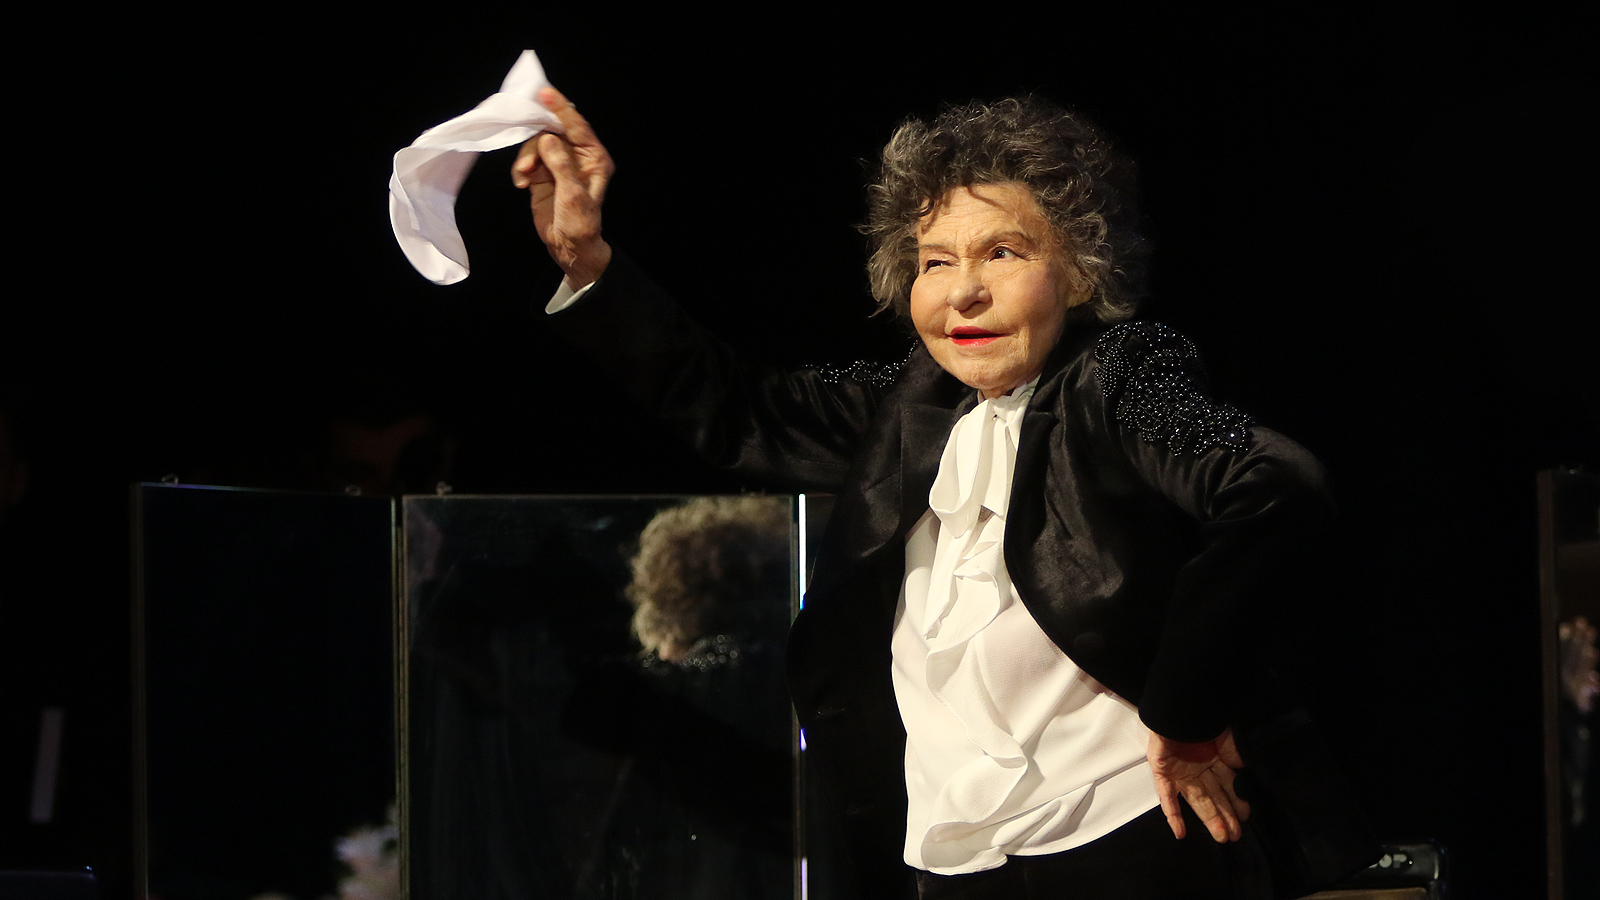 Стоянка Мутафова отпразнува 97-ия си рожден ден и 70 години на сцена, със специален спектакъл в зала 1 в НДК